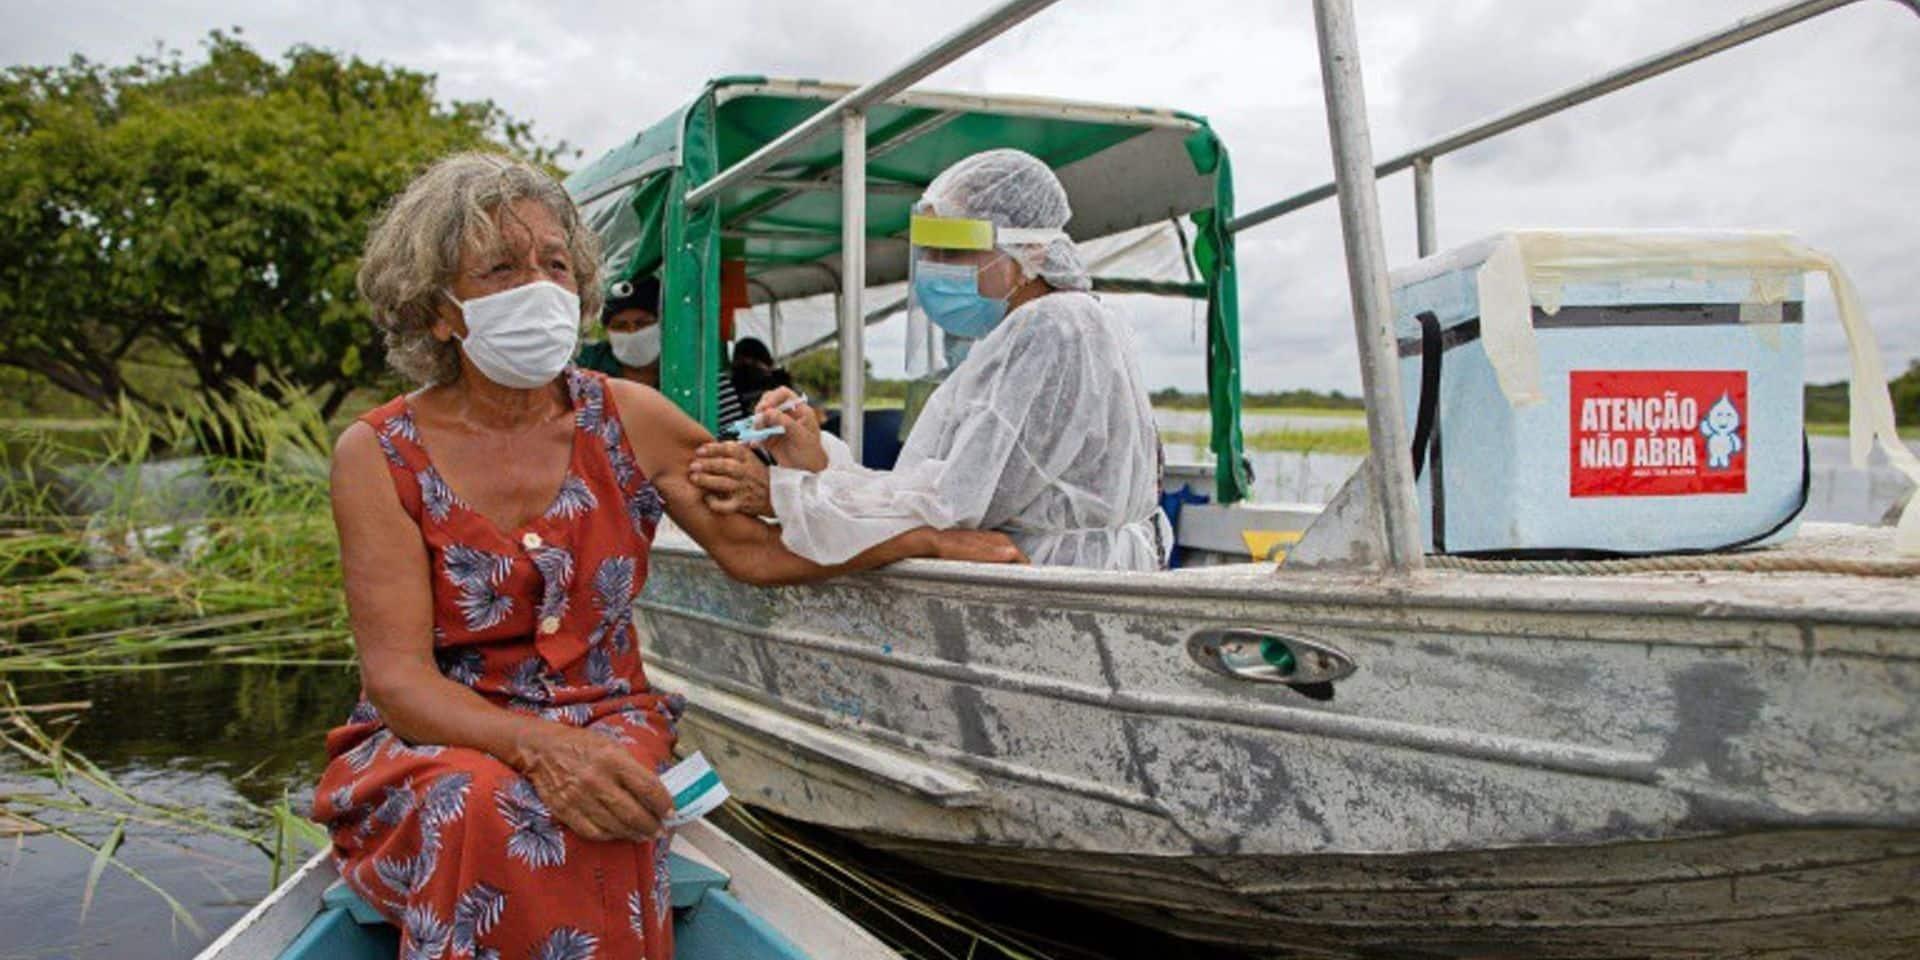 Vaccinations clandestines, ventes frauduleuses, vols à main armée: certains Brésiliens sont prêts à tout pour des vaccins anti-Covid